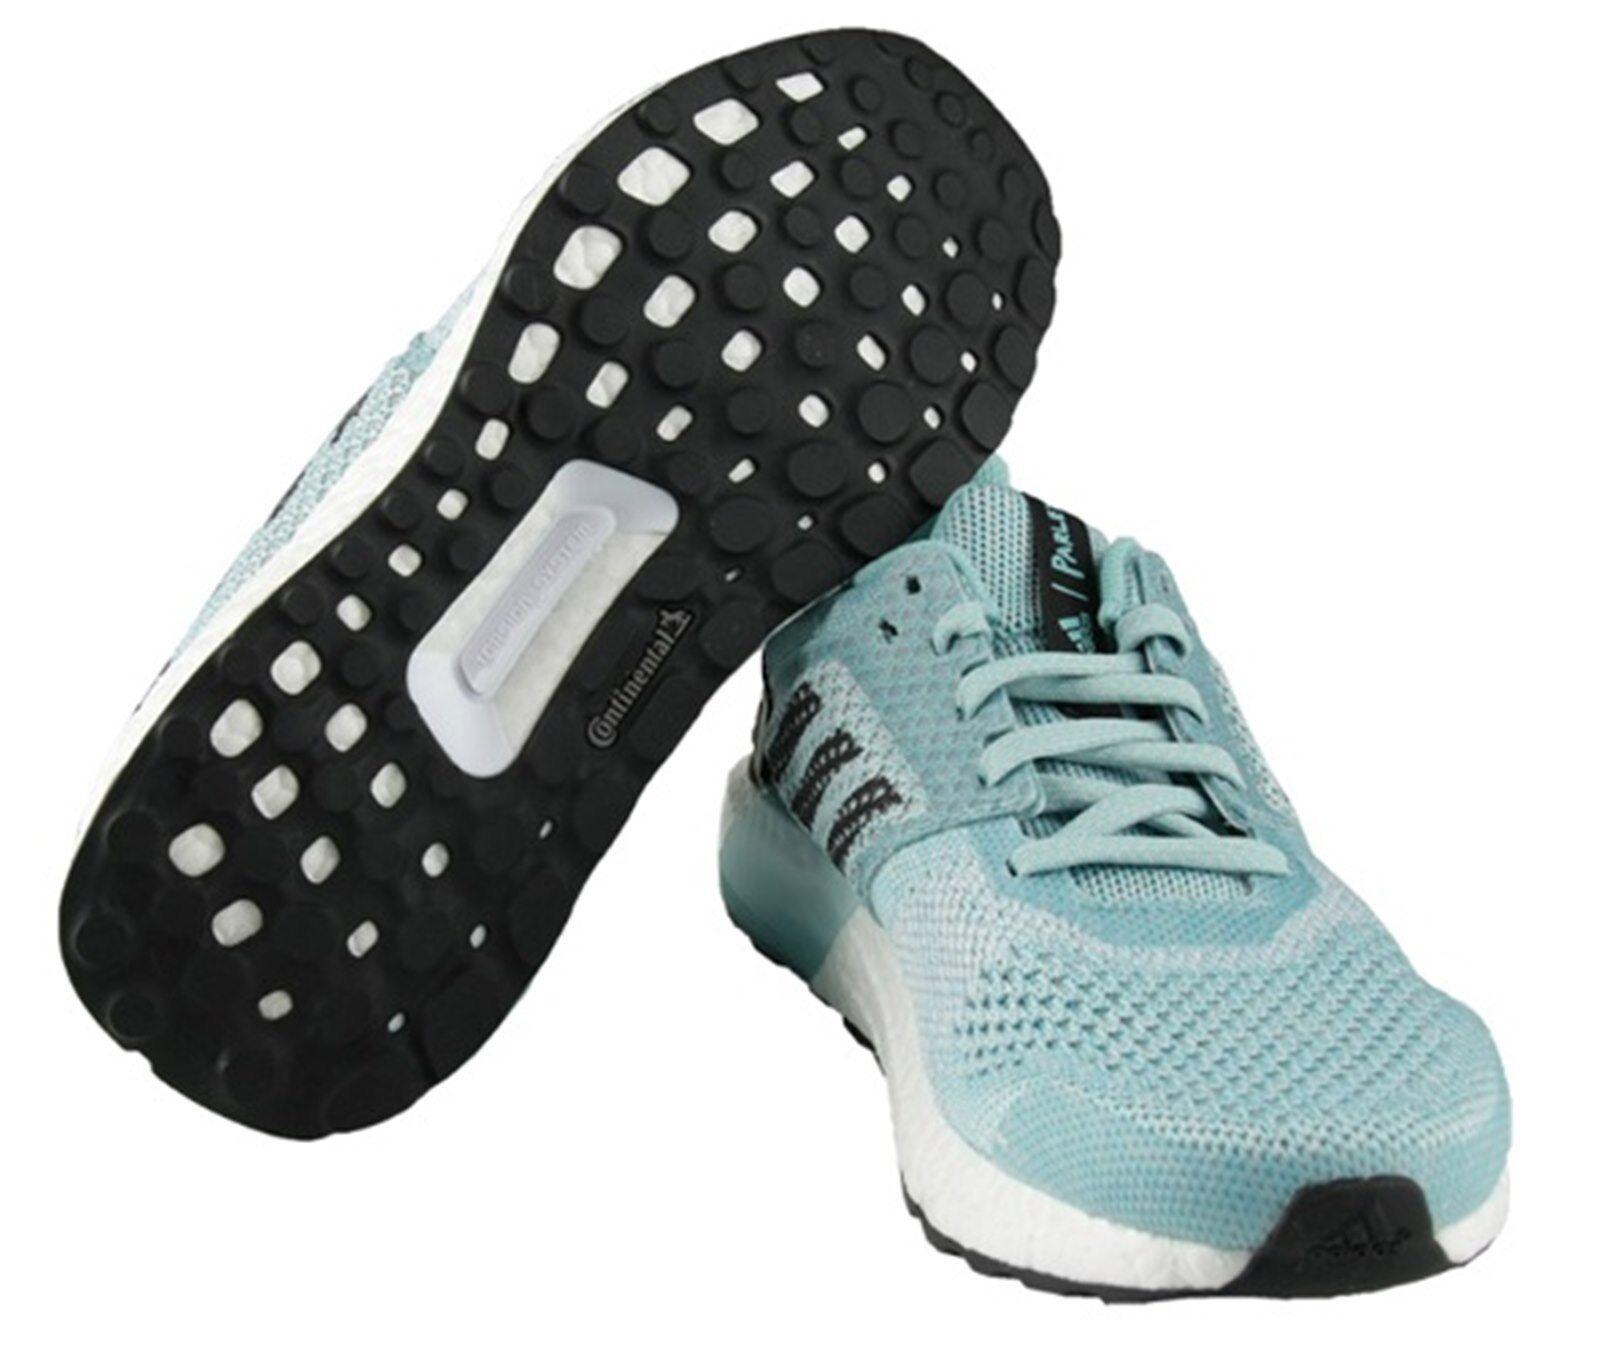 Adidas Femmes Ultra Boost Chaussures d entraînement Running Mint Sneakers GYM Shoe AC8207